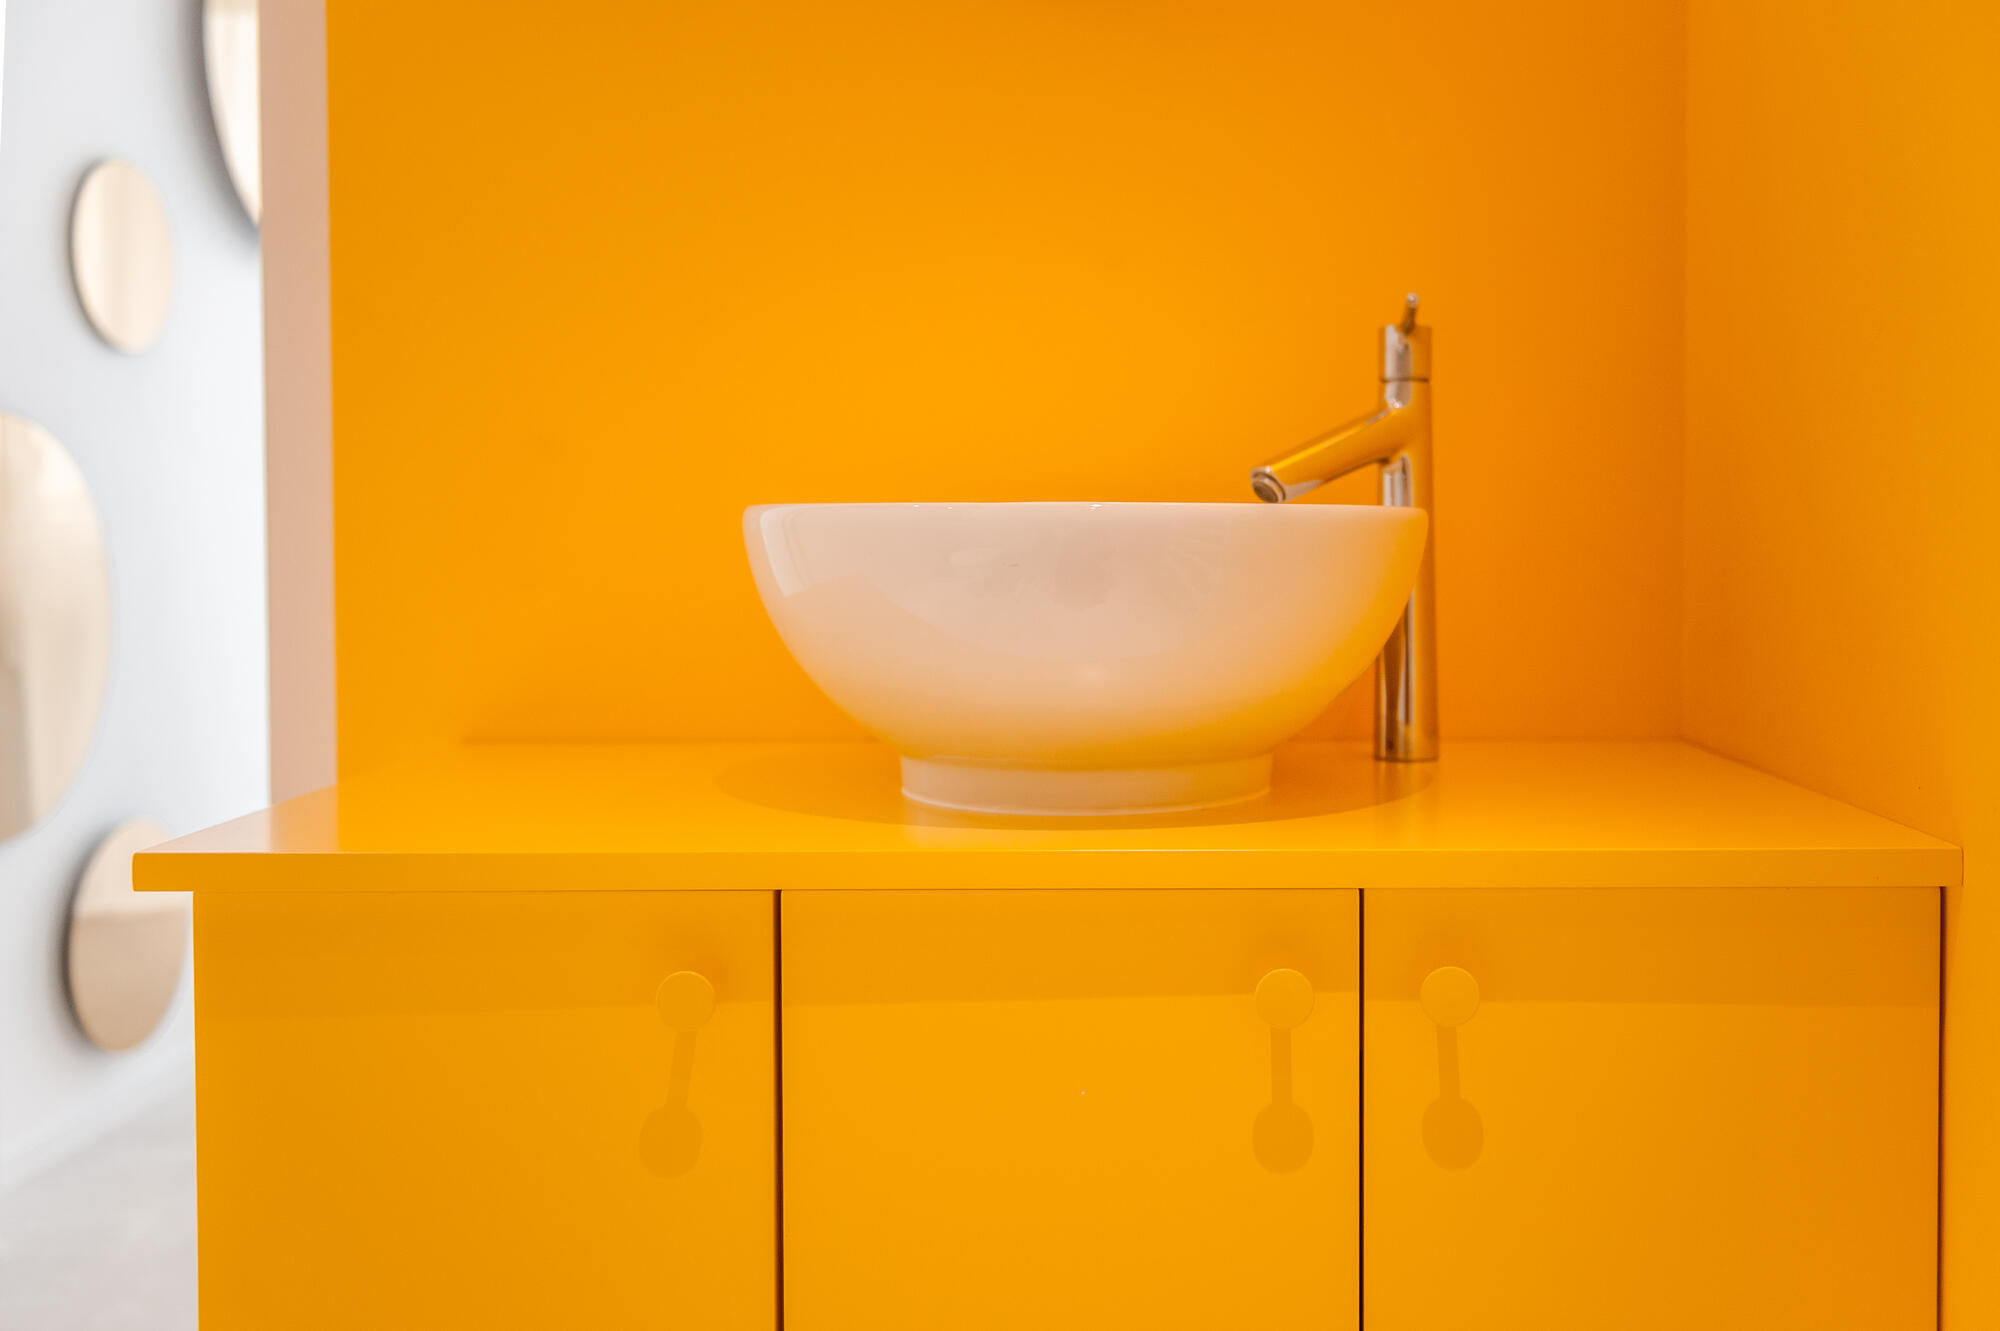 Jupiter łazienka umywalka